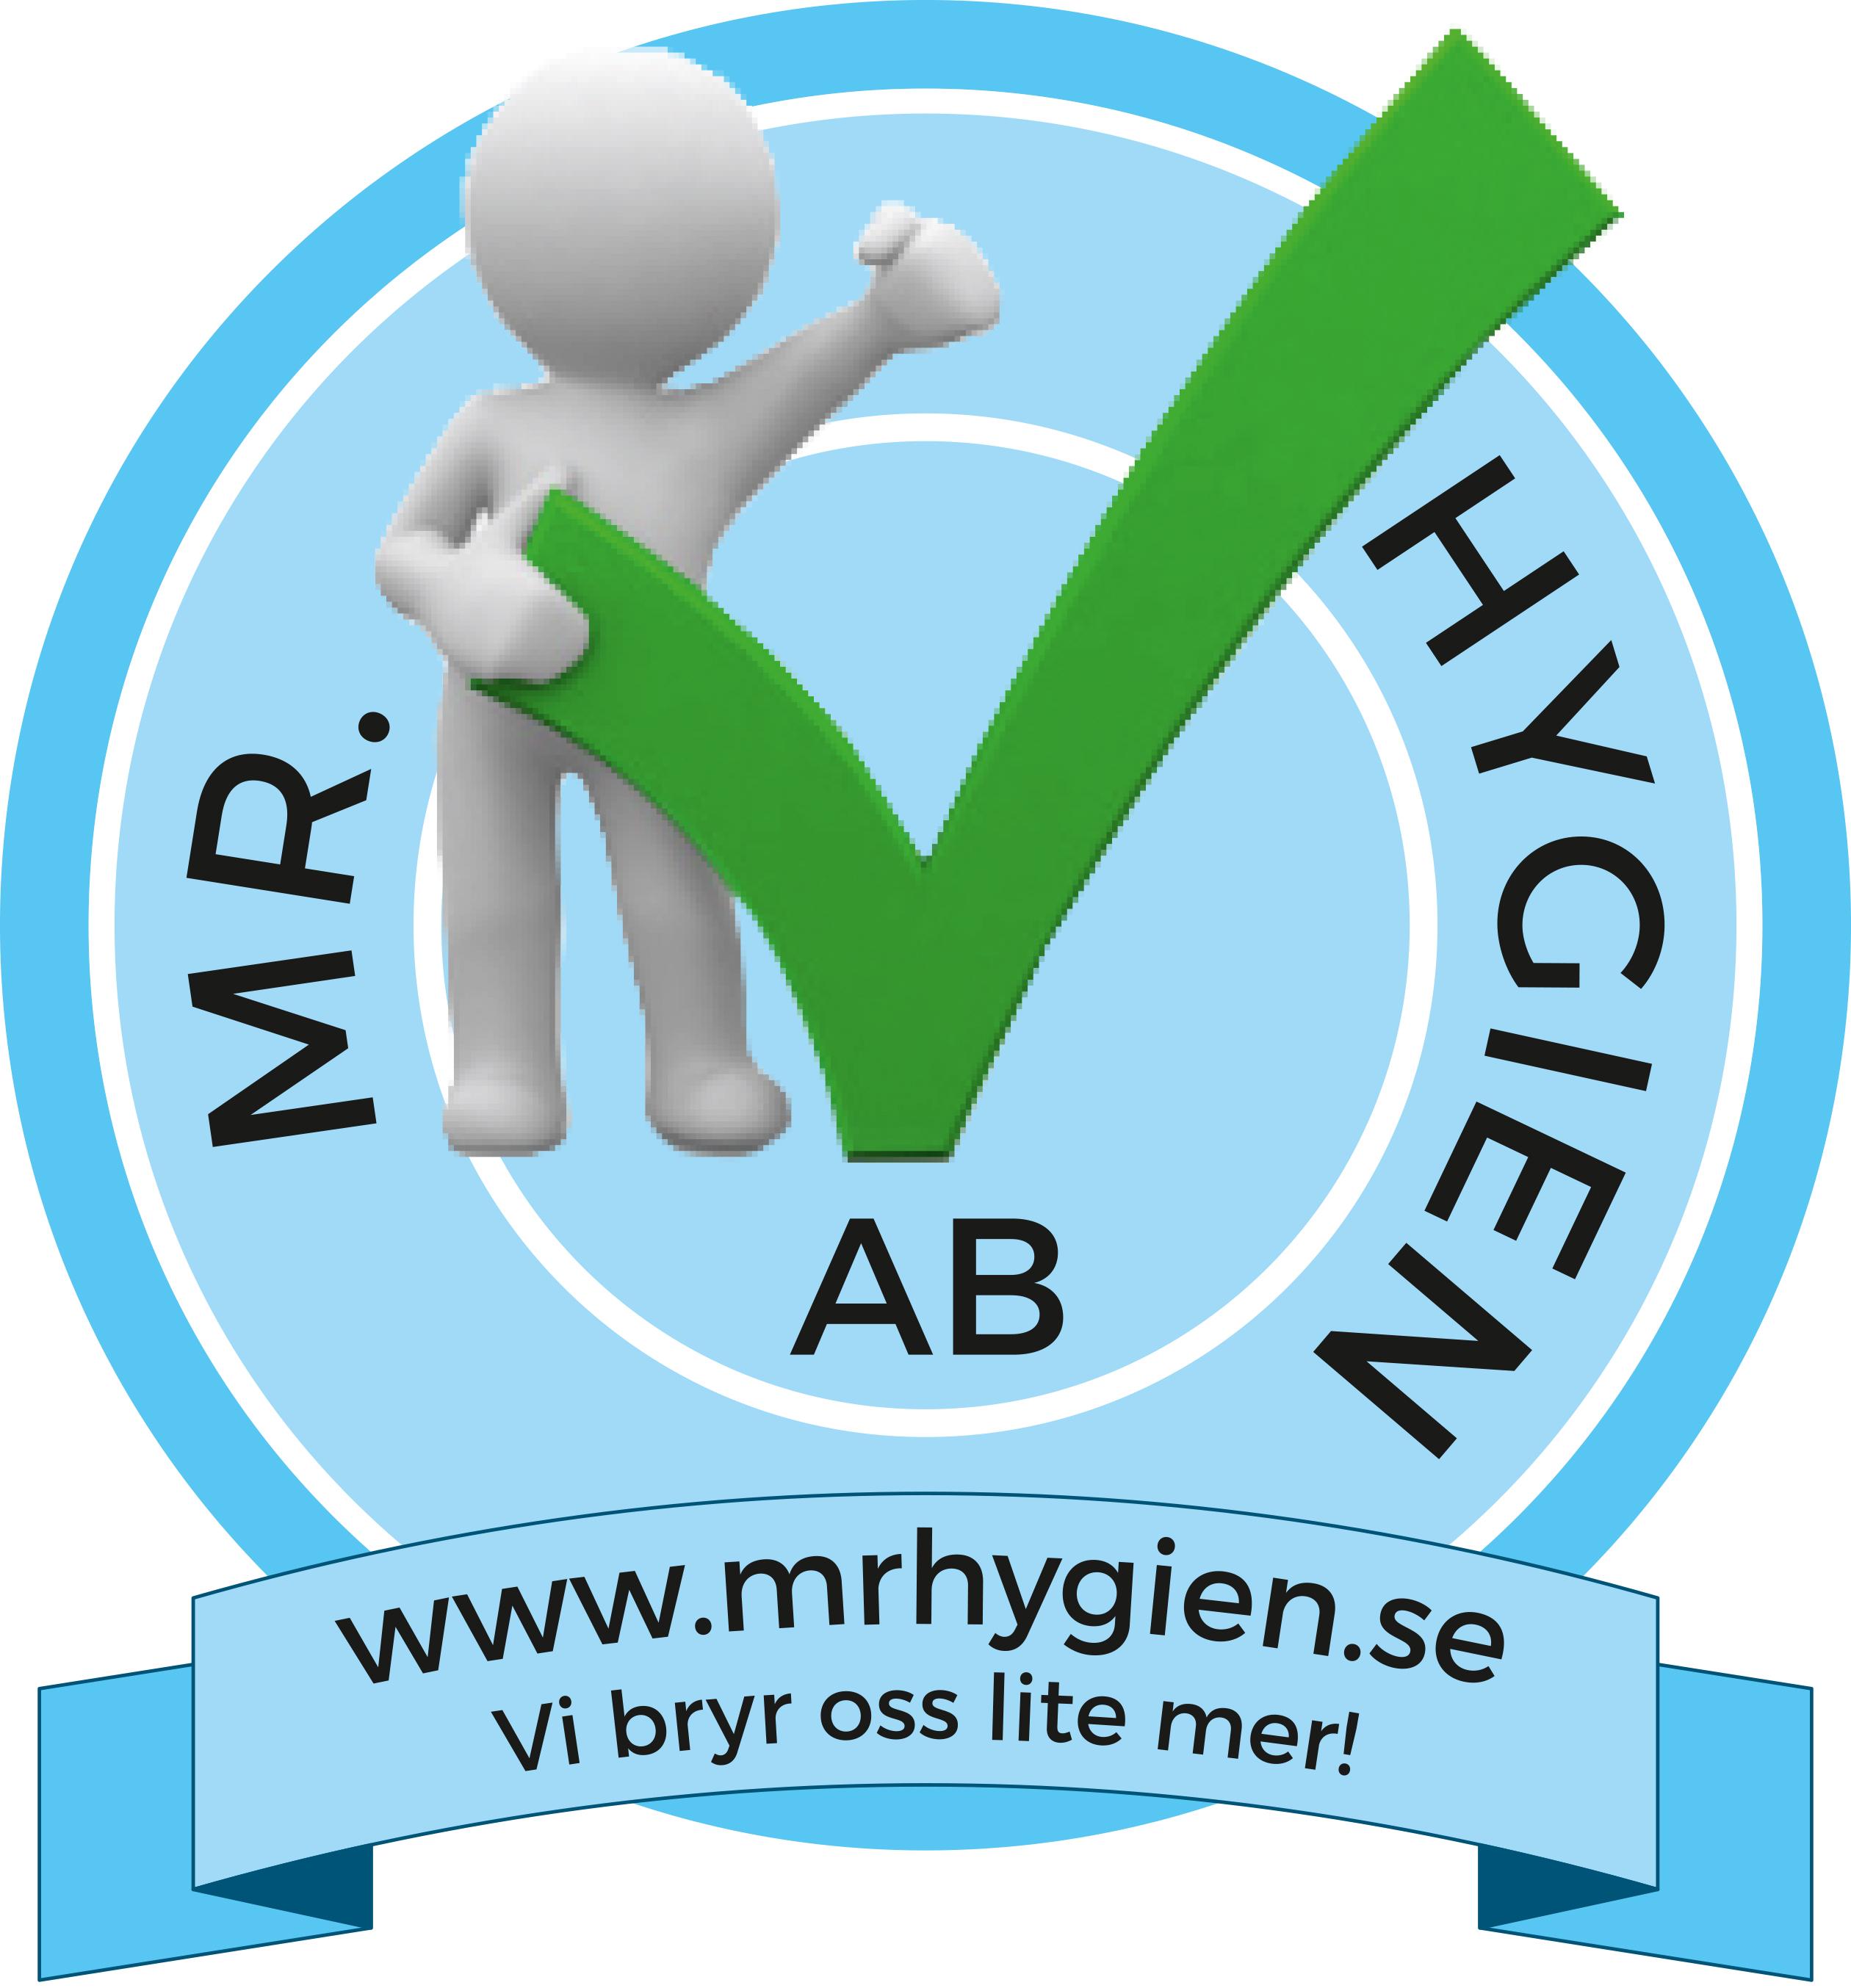 MrHygien